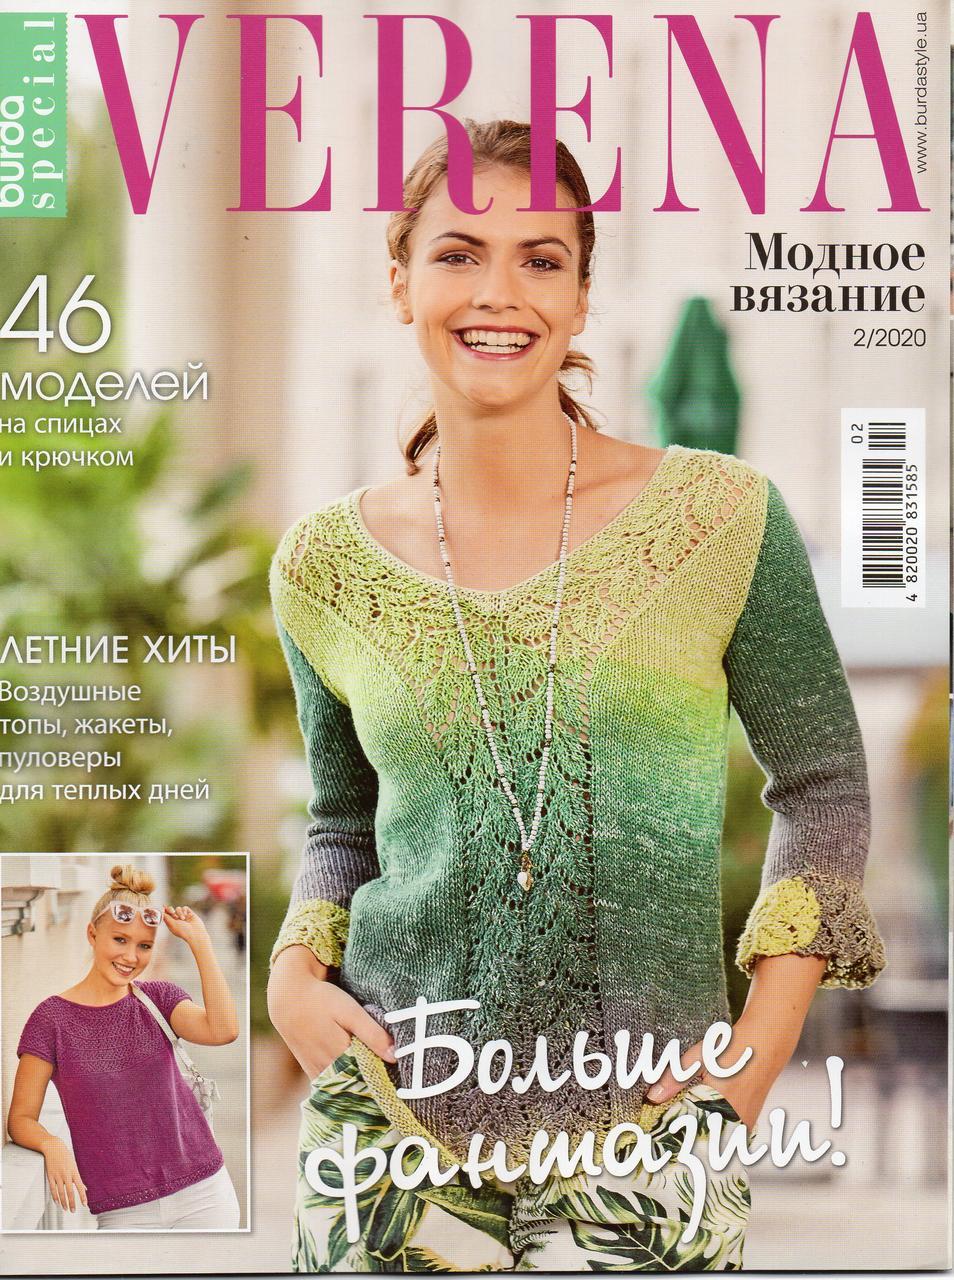 Верена. Модное вязание №2 2020 | Журнал по вязанию.